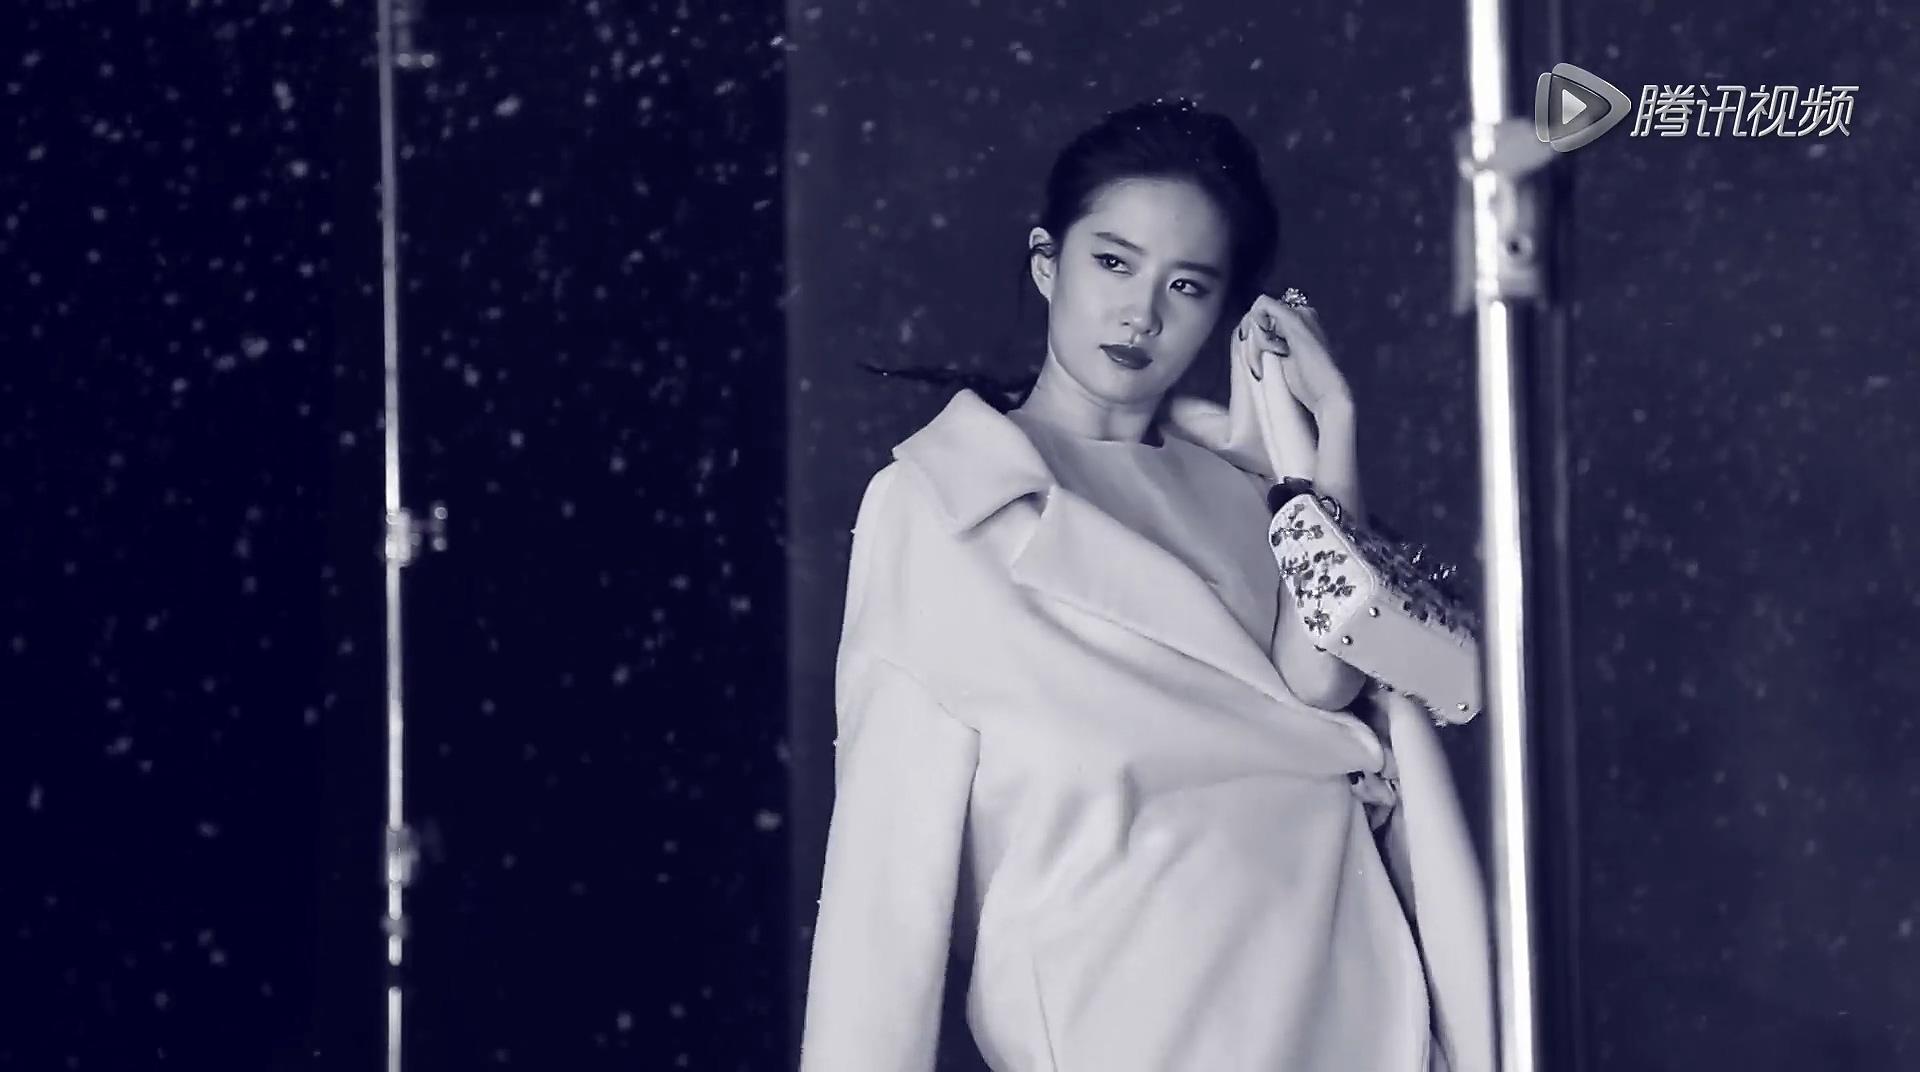 《瑞麗伊人風尚》花絮  《劉亦菲》[2015.11.25]